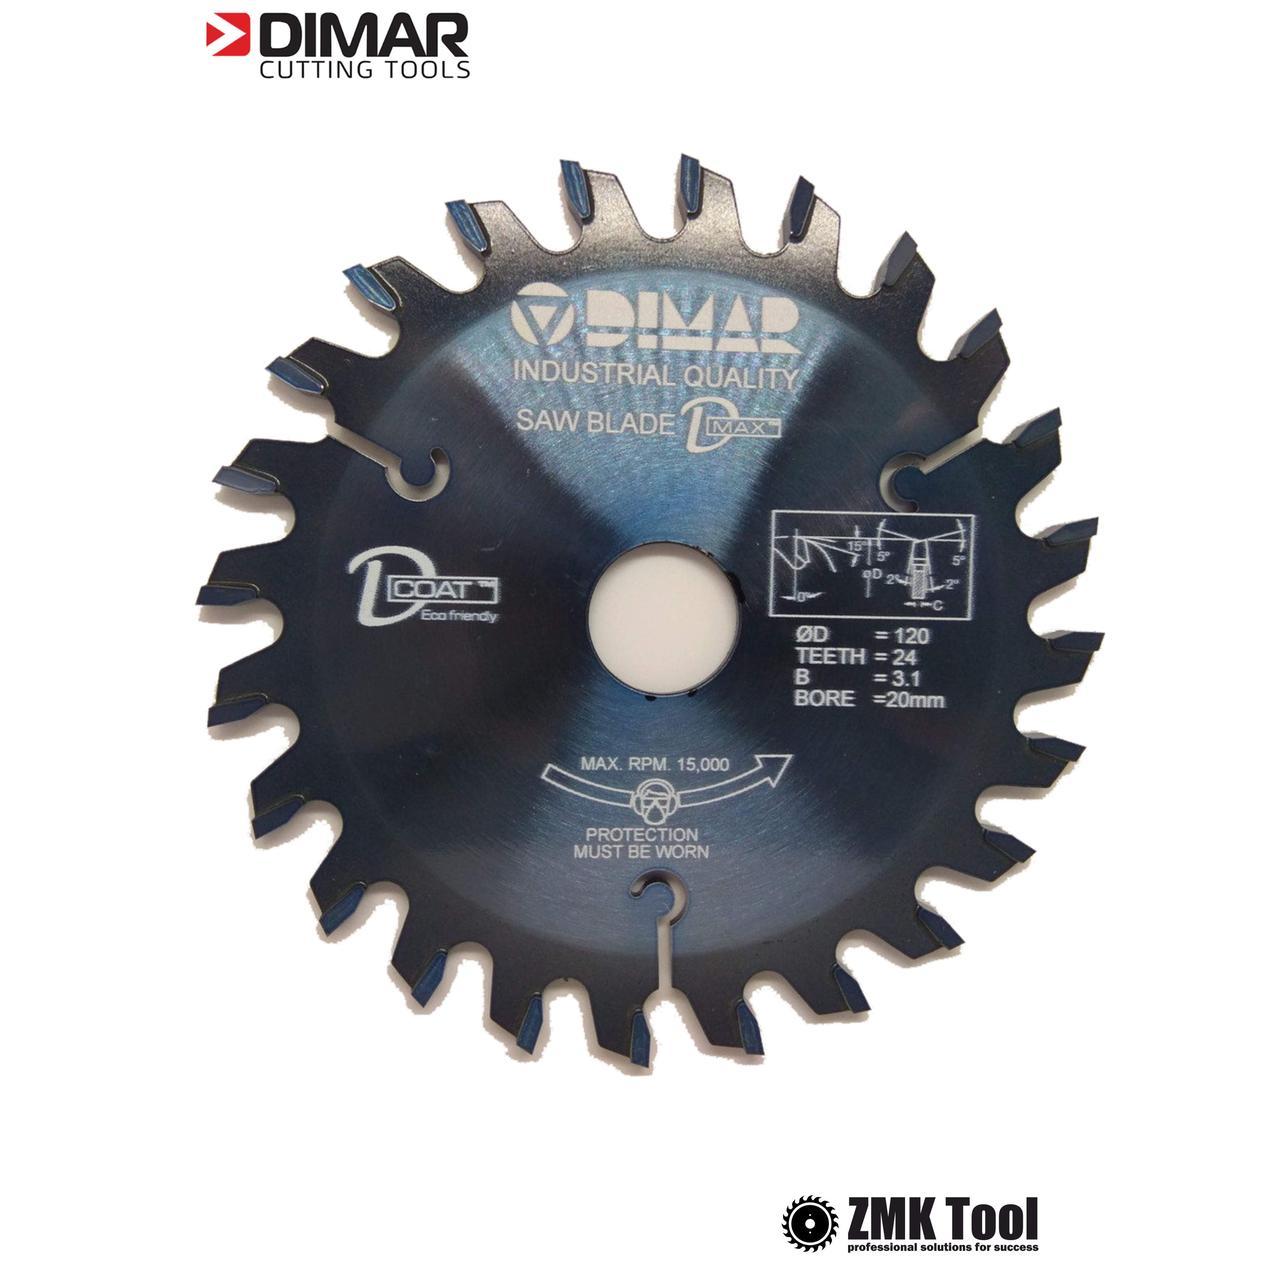 Подрезная пила DMAR DVK 125 24Z 3.1/4.3 d20 коническая однокорпусная с покрытием D-COAT